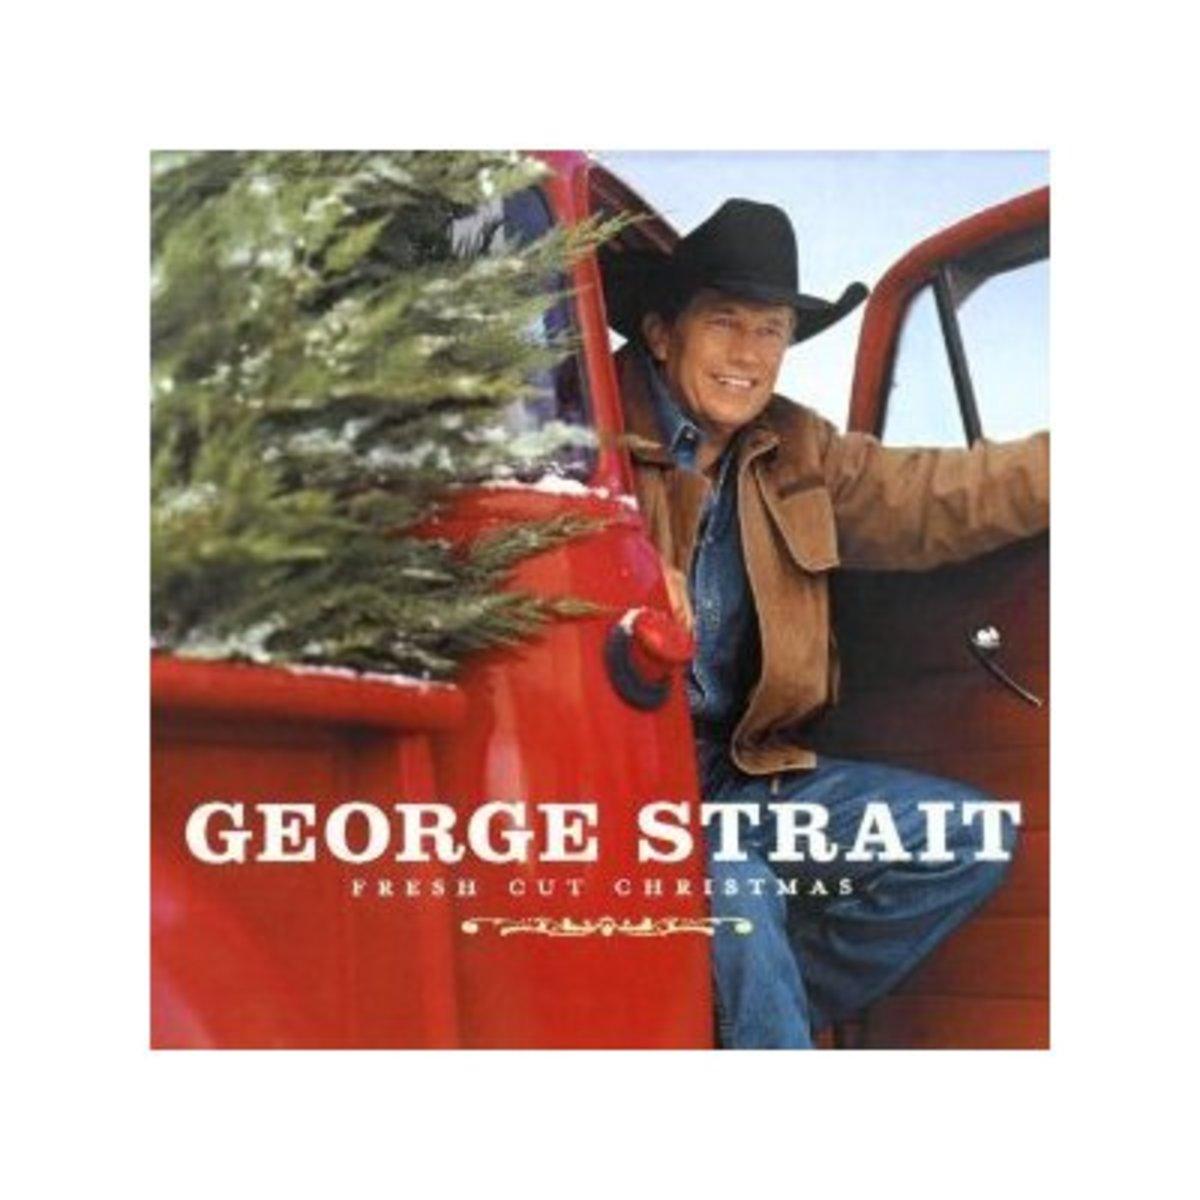 """George Strait ~ """"Fresh Cut Christmas"""""""